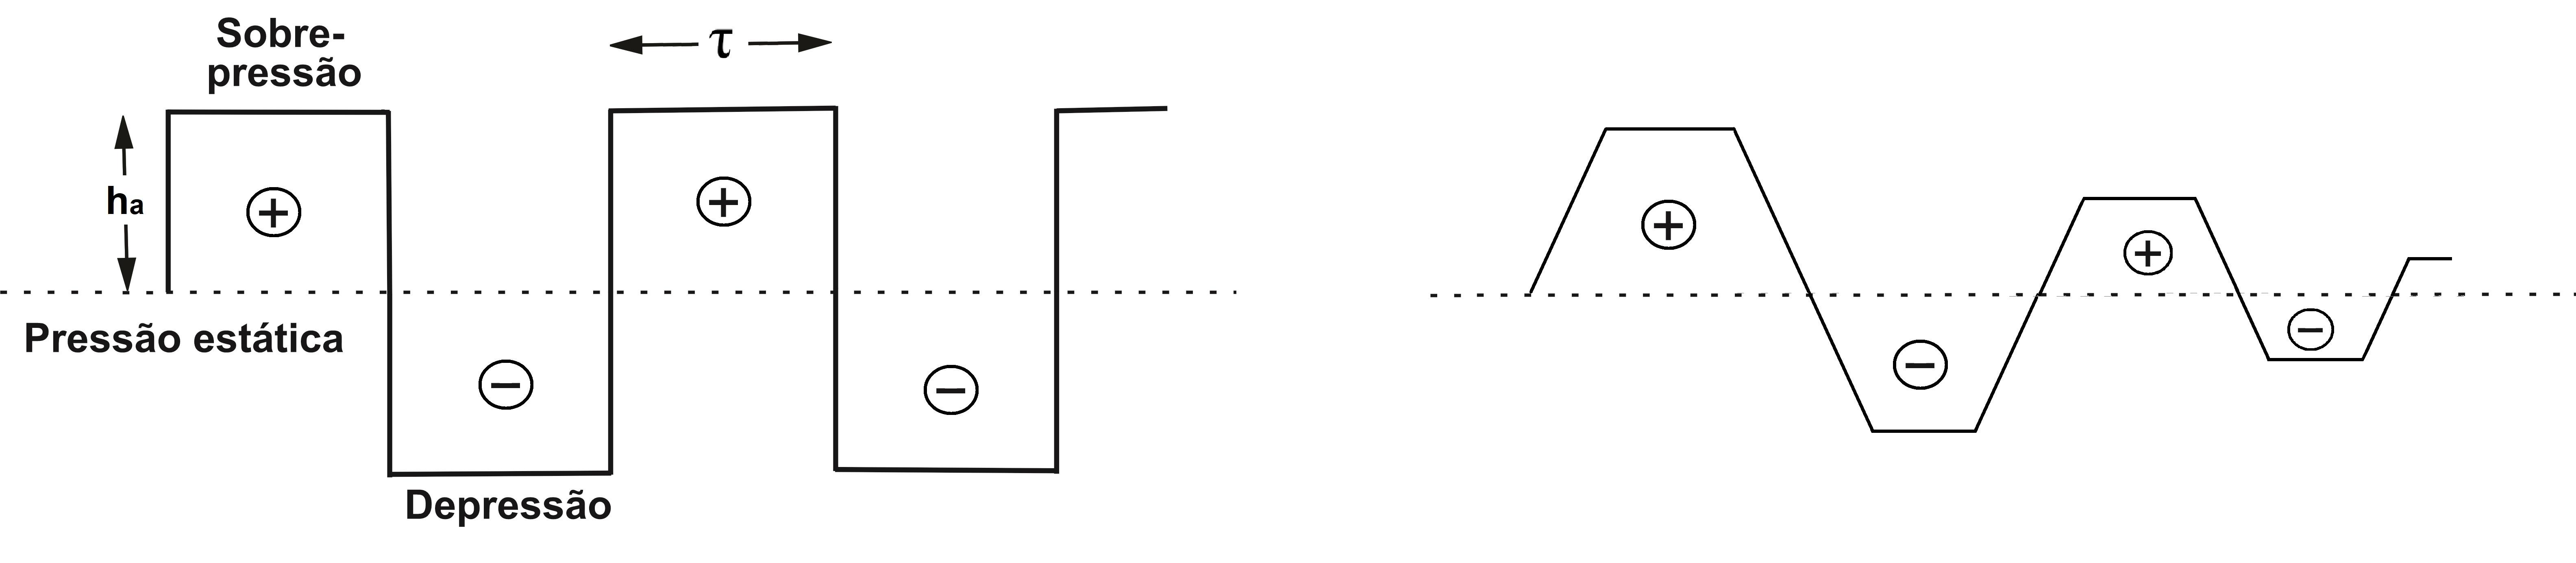 Representação da onda de pressão na situação ideal (esquerda) e real (direita)